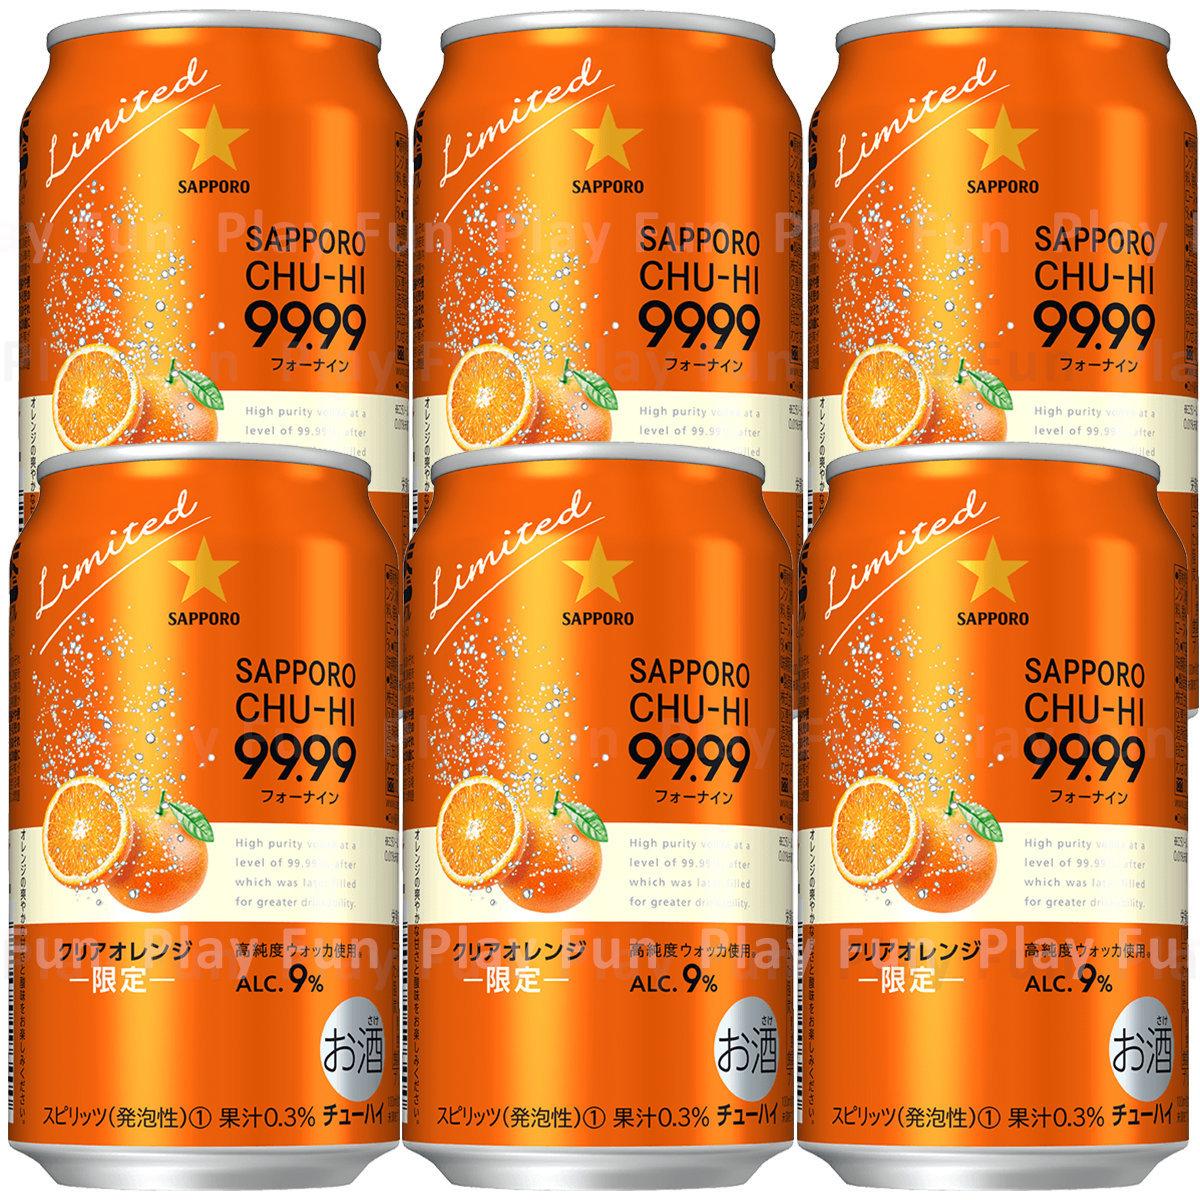 [期間限定] CHU-HI 99.99 橙味 汽酒 ALC.9% 350ml x 6罐  (4901880896416_6)